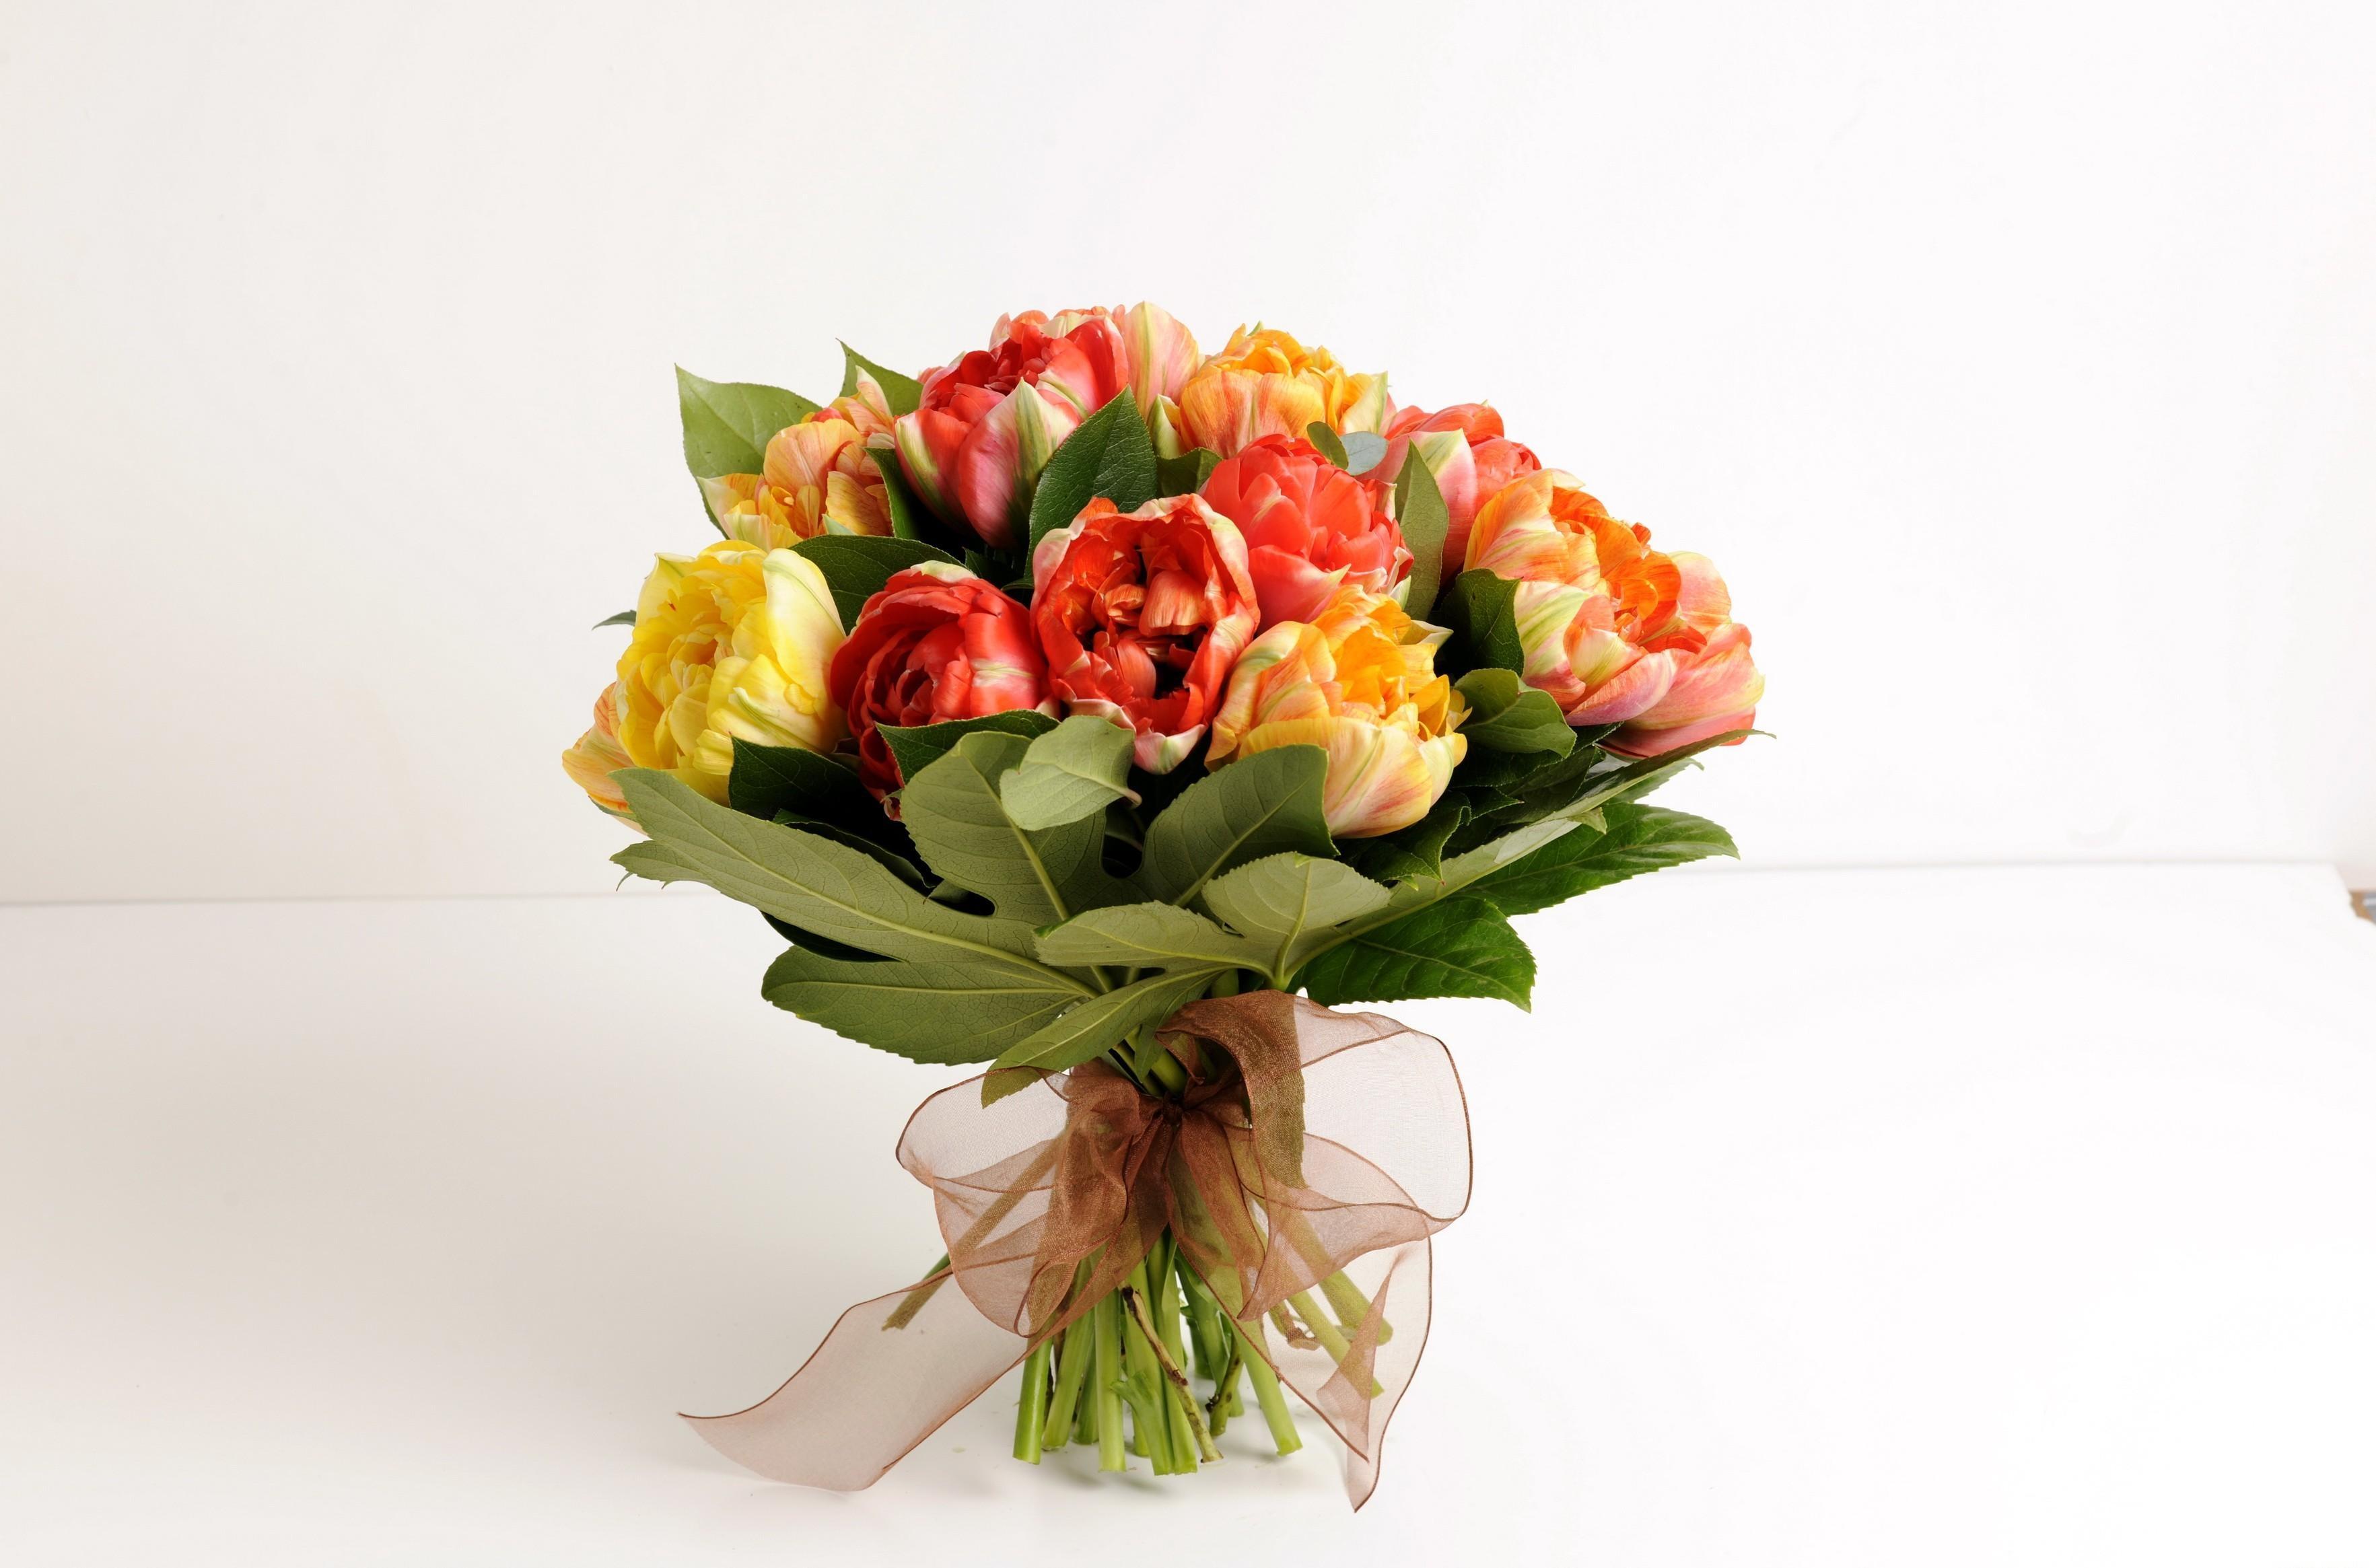 103385 скачать обои Цветы, Букет, Листья, Бант, Оформление, Тюльпаны - заставки и картинки бесплатно